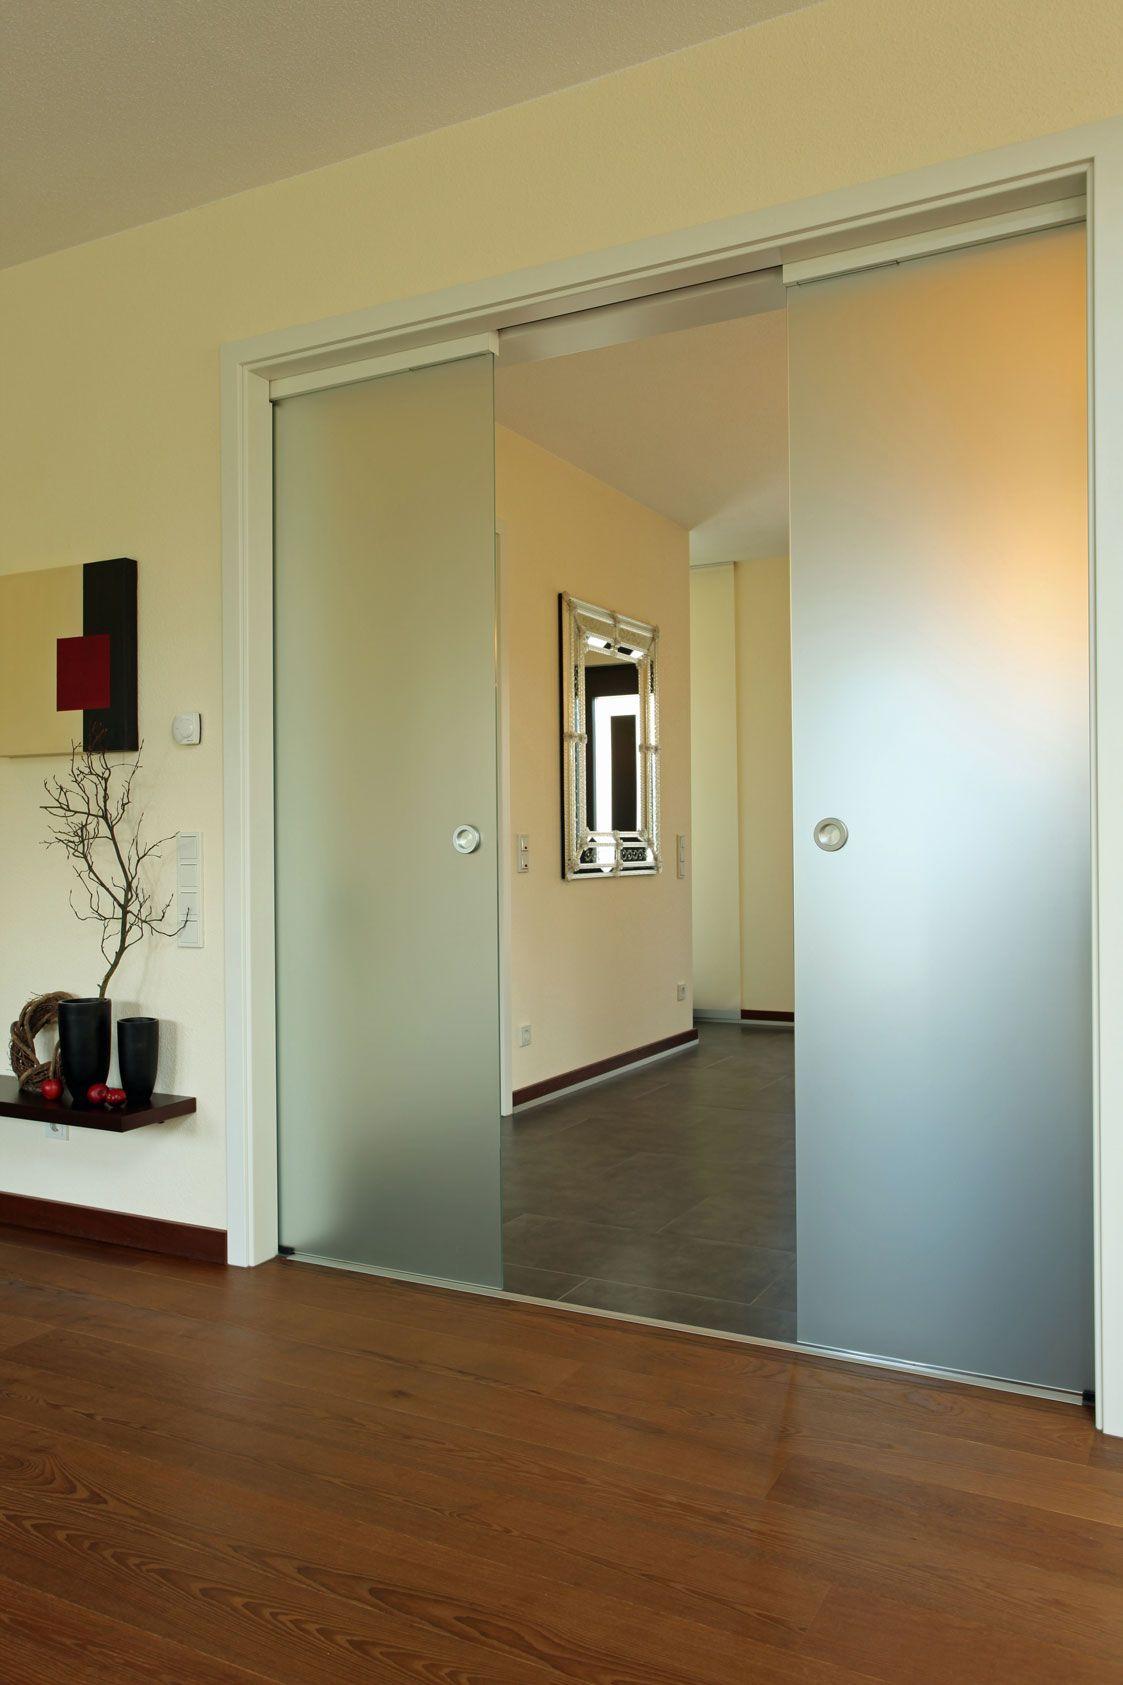 Home hall design-ideen diele mit schiebeglastür  ideen rund ums haus  pinterest  doors